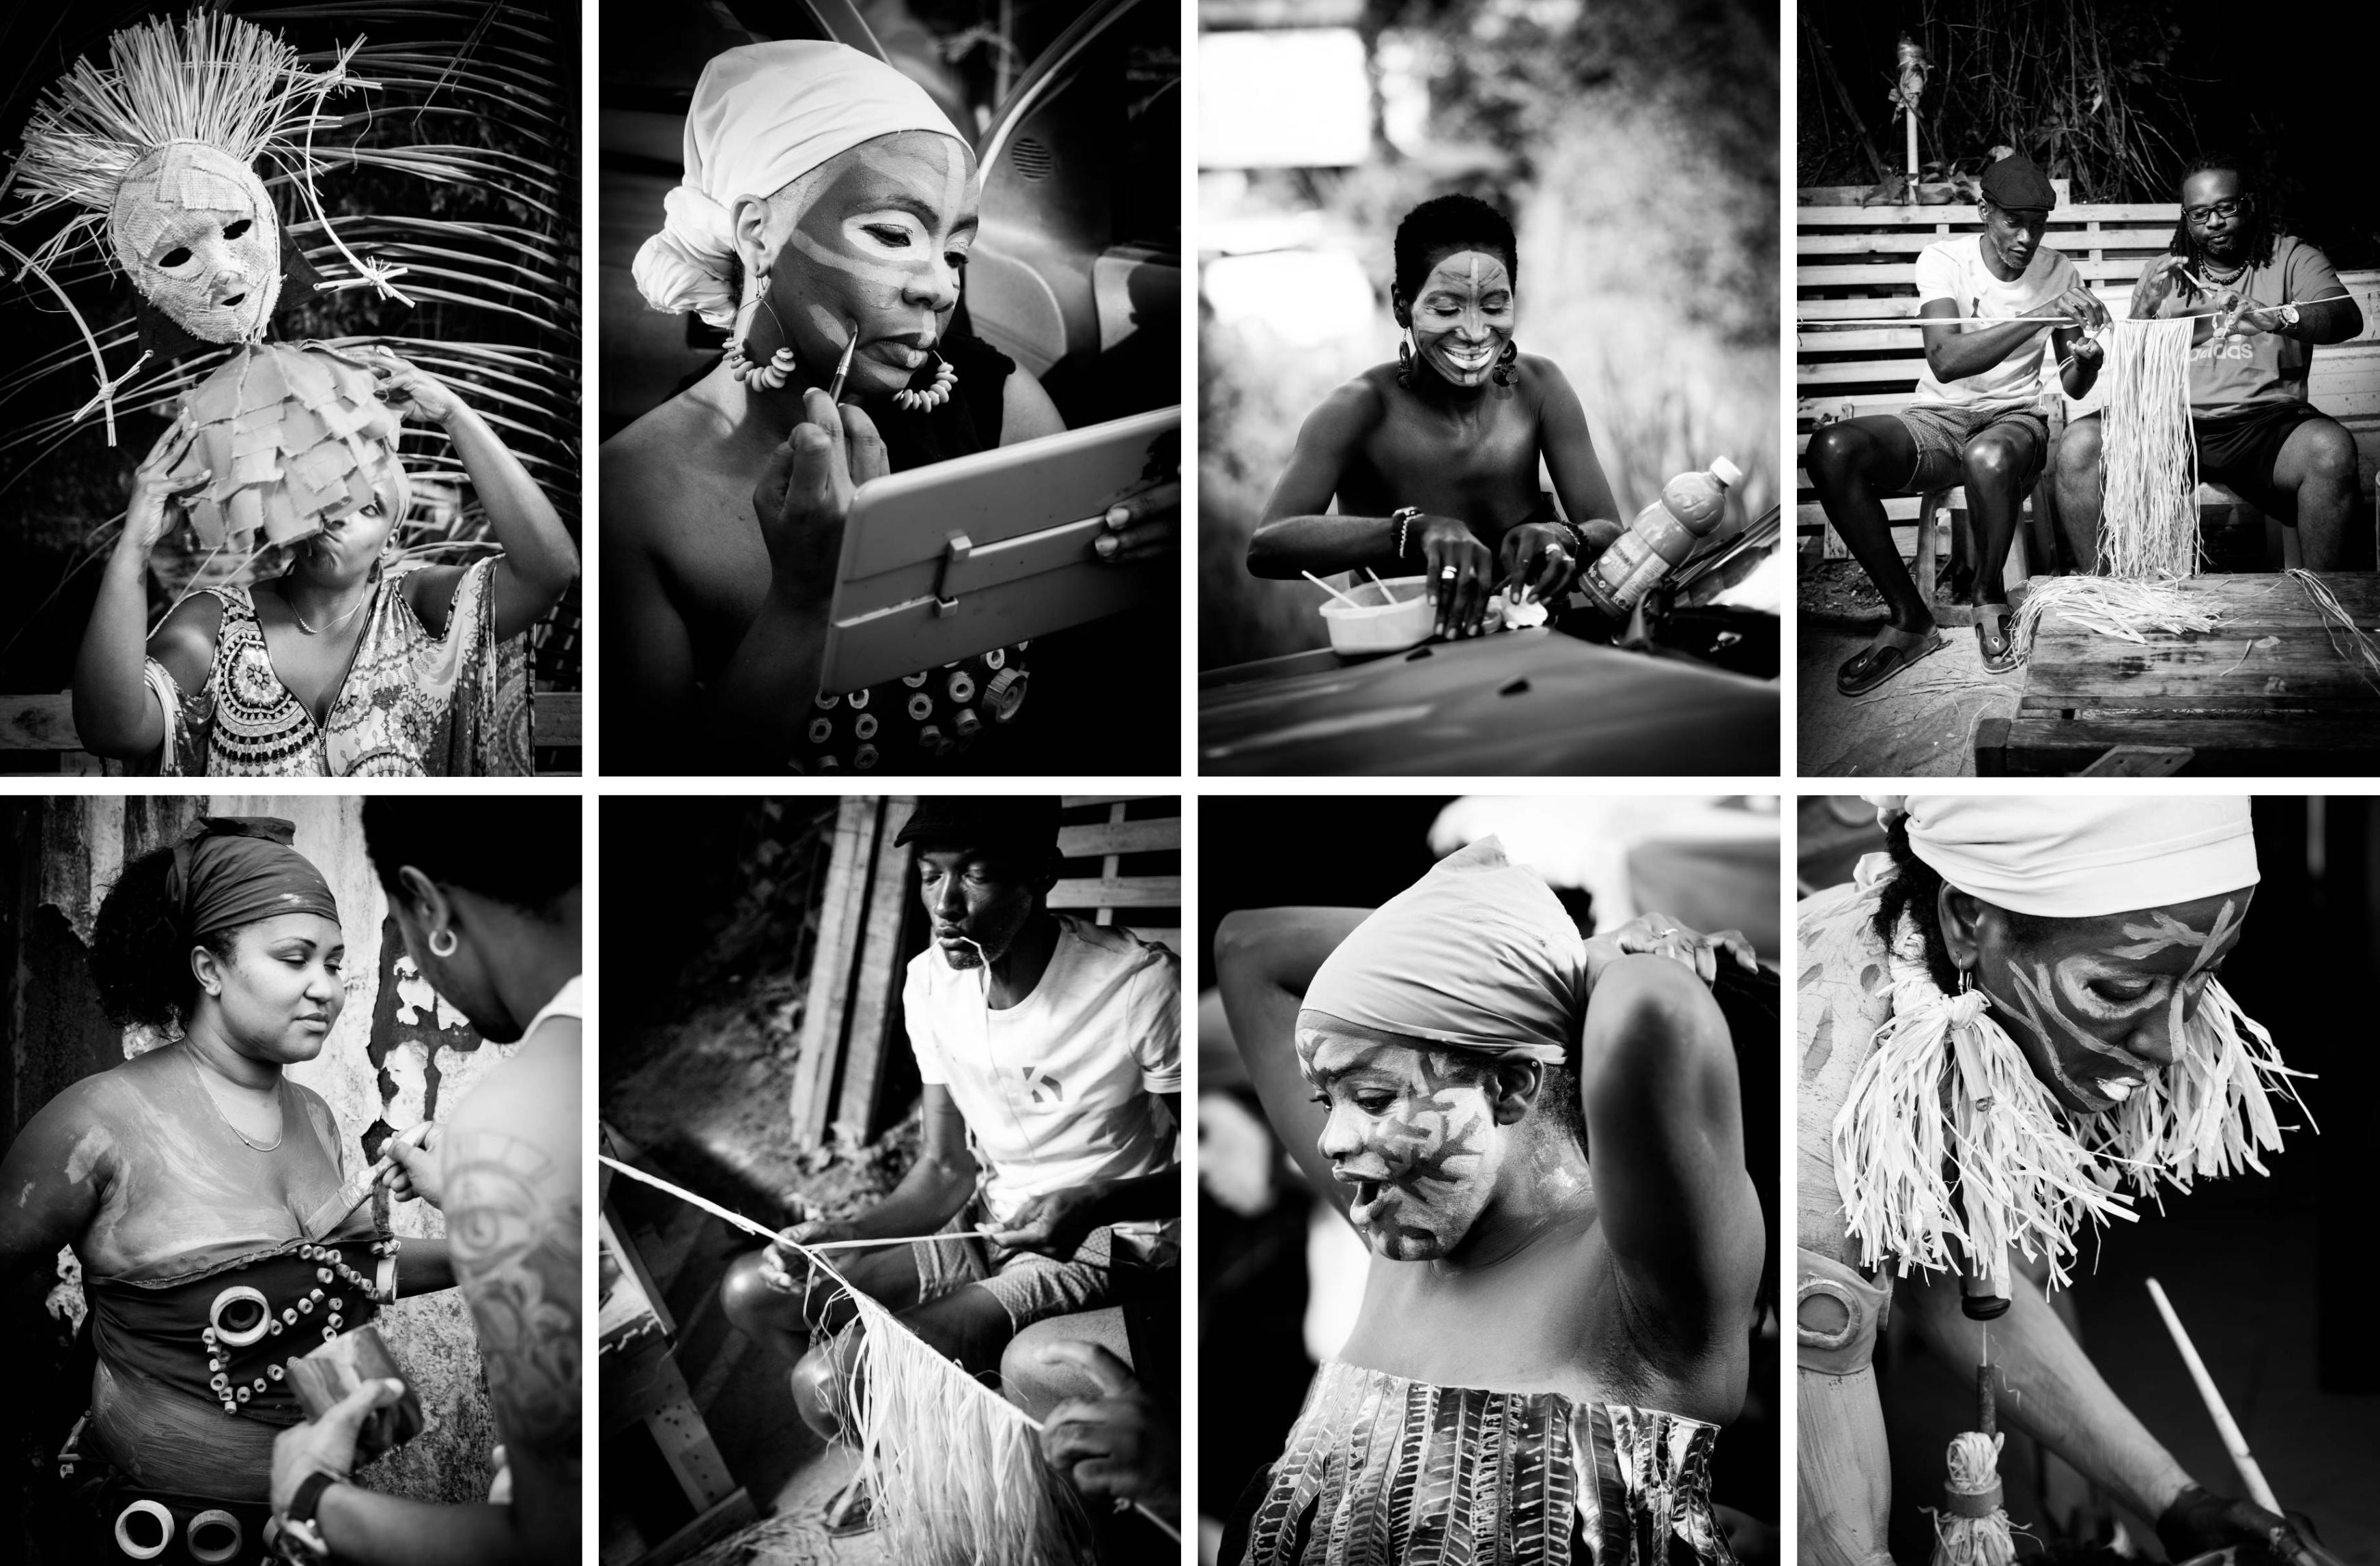 livre de photographies- portraits de carnaval en noir&blanc- carnaval de guadeloupe - livre sur un groupe à po - livre sur le carnaval de guadeloupe